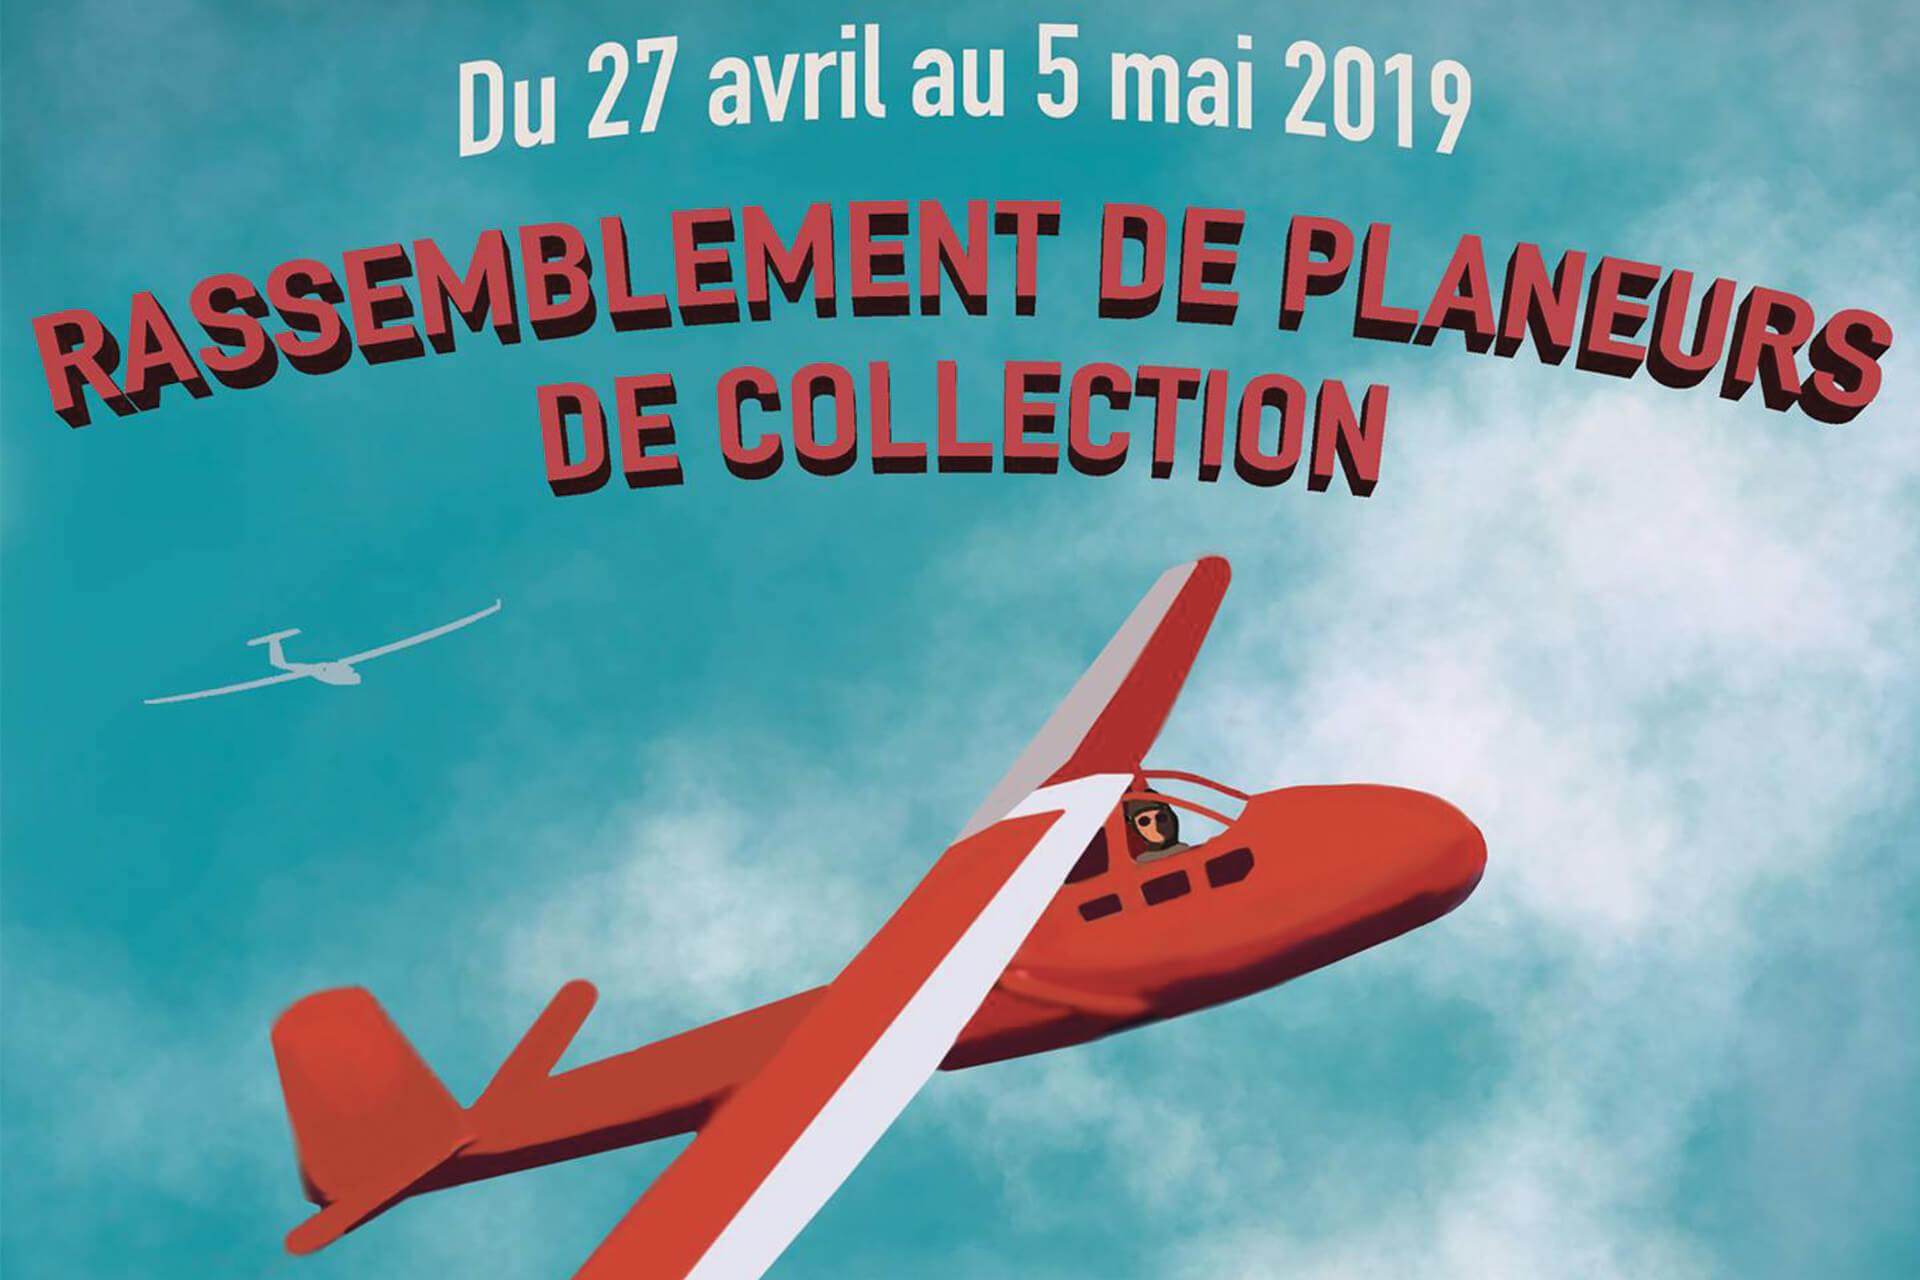 Rassemblement National des Planeurs de Collection